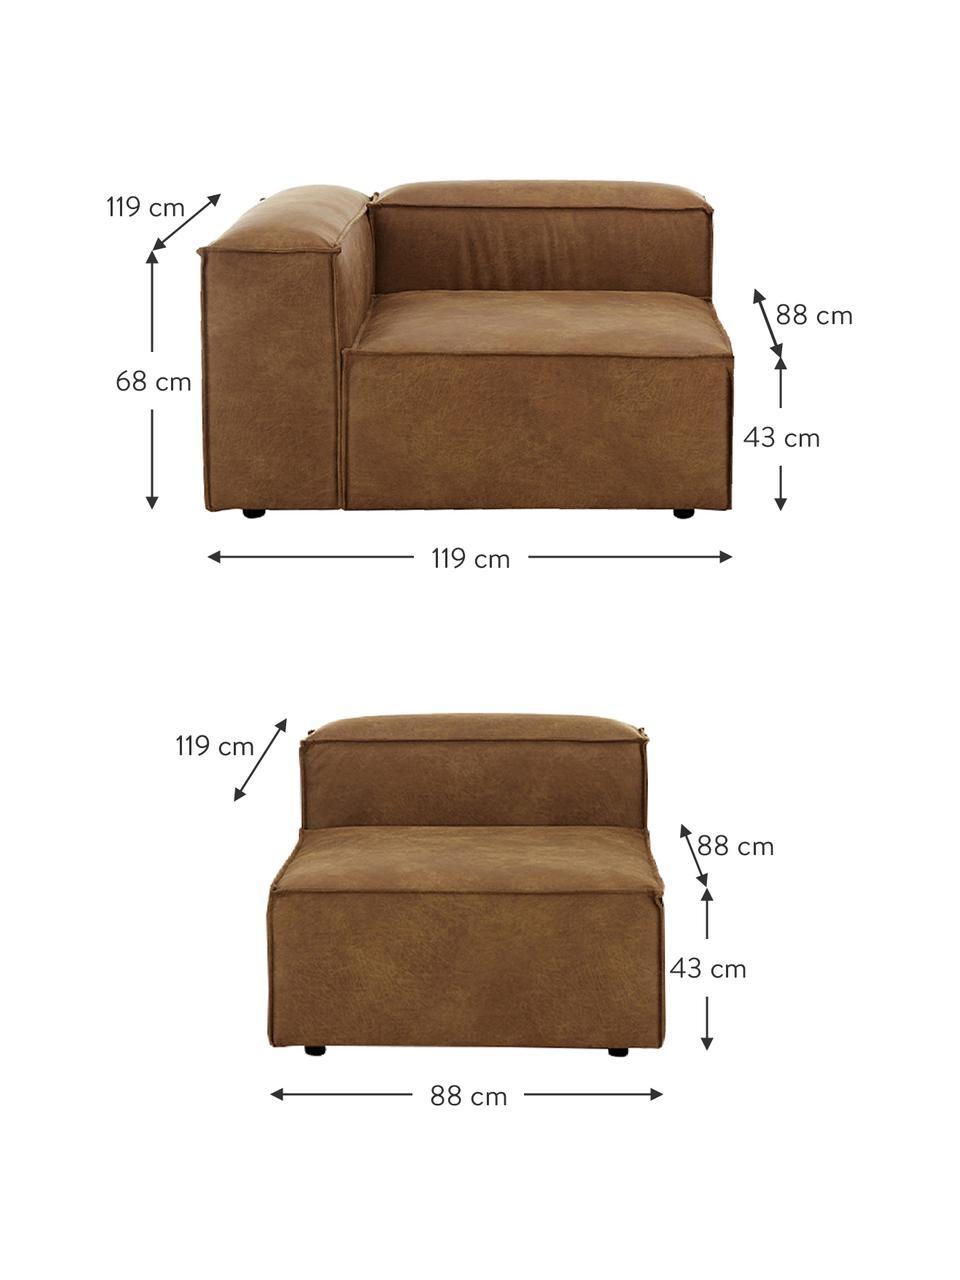 Sofa modułowa ze skóry z recyklingu Lennon (4-osobowa), Tapicerka: skóra z recyklingu (70% s, Nogi: tworzywo sztuczne Nogi zn, Brązowa skóra, S 327 x G 119 cm